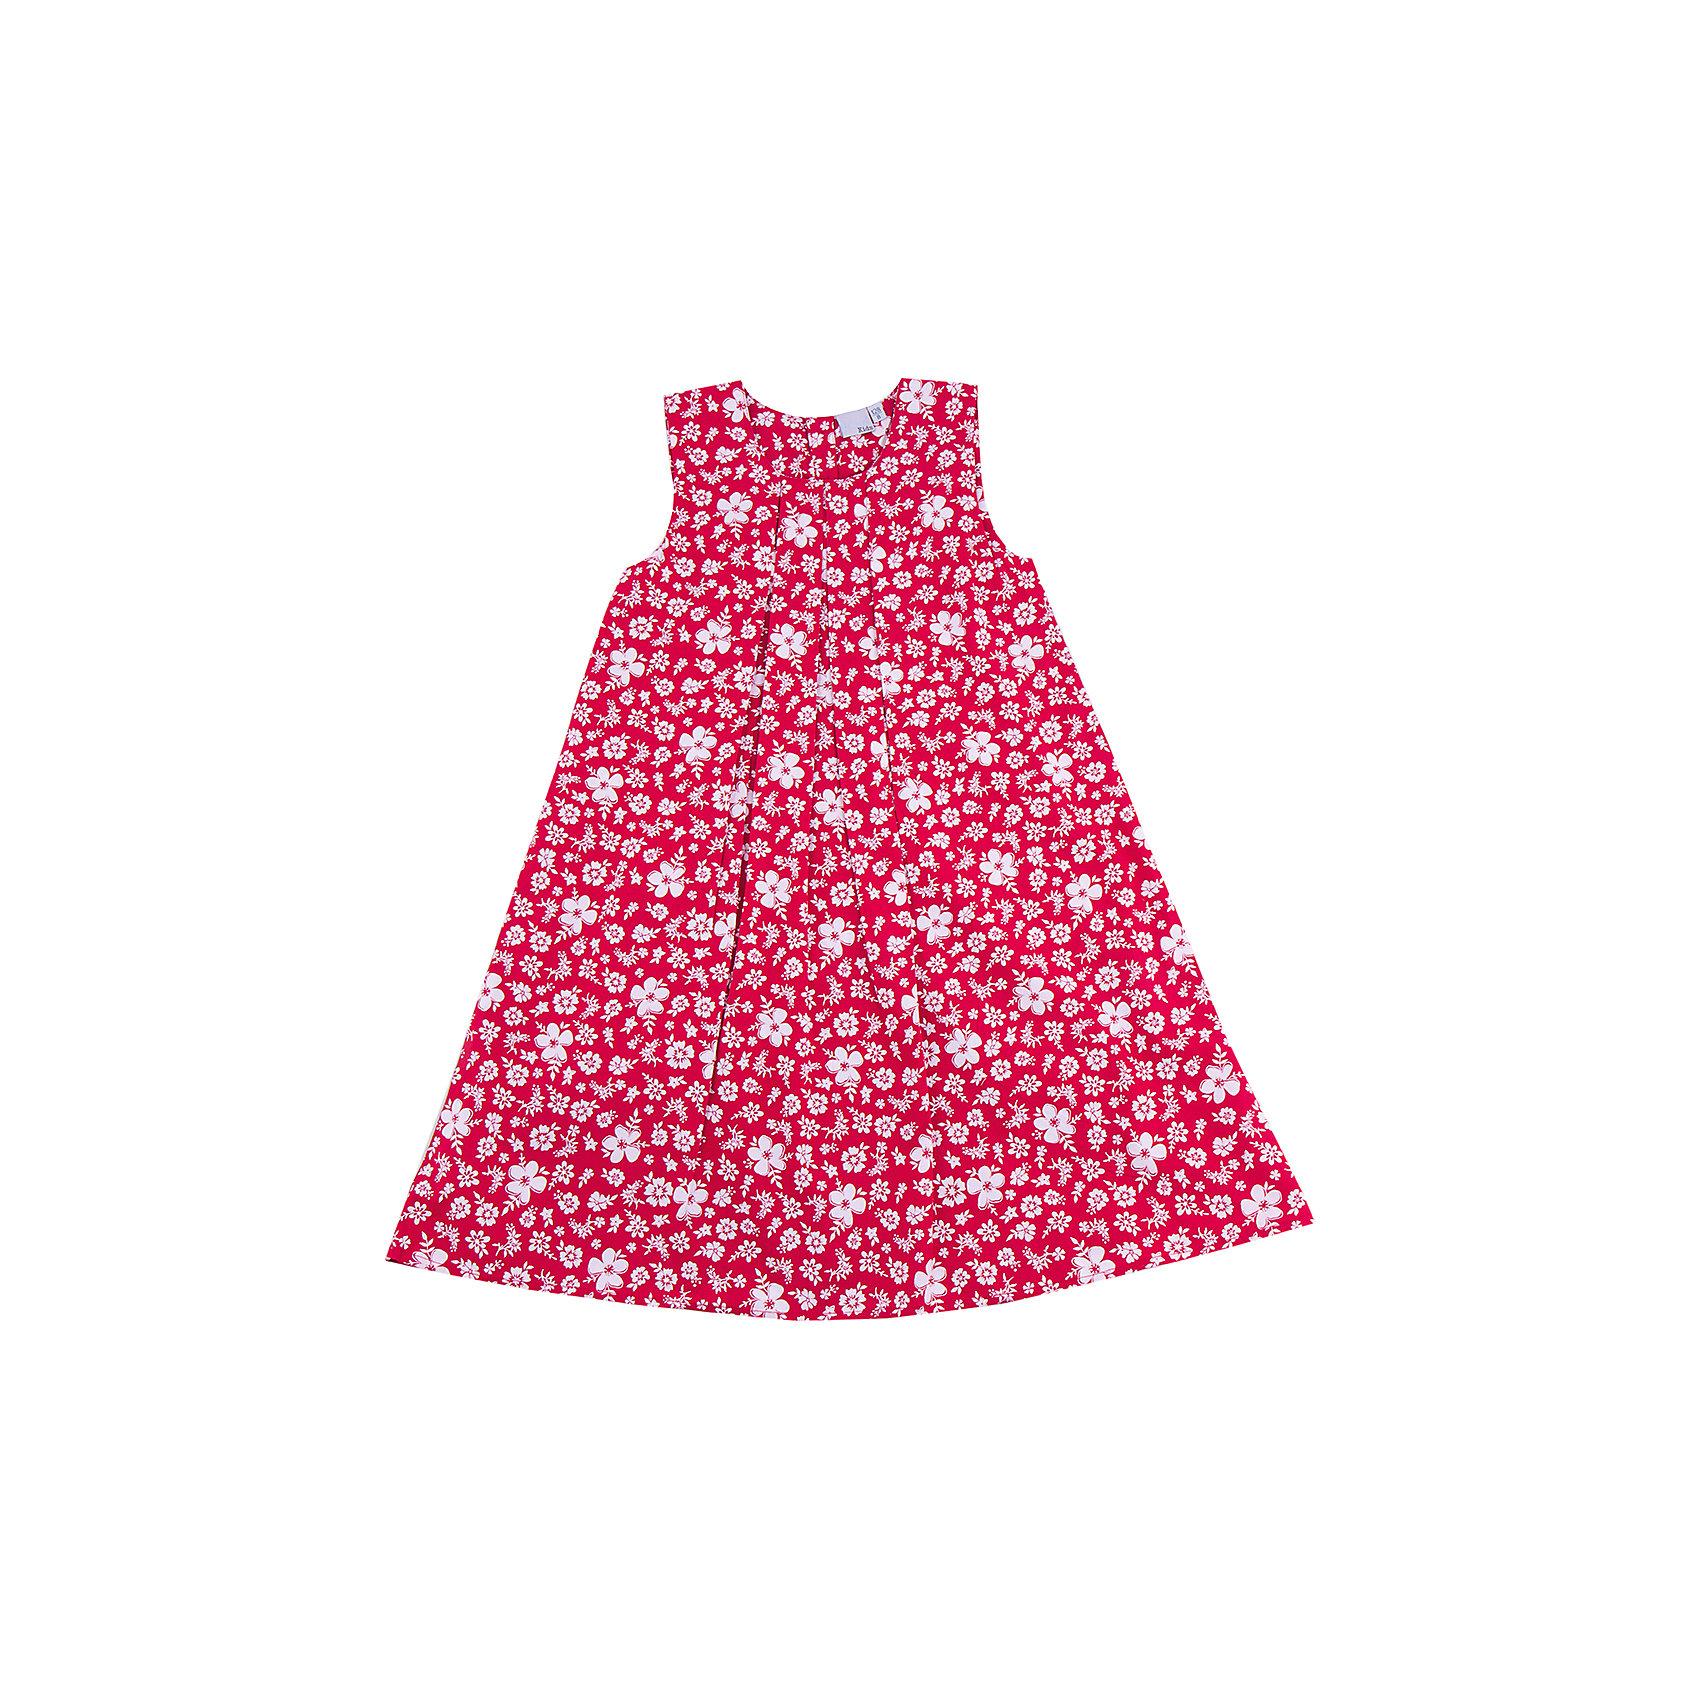 BLUE SEVEN Платье  для девочкиПлатья и сарафаны<br>Прекрасное платье для девочек с цветочным мотивом от blue seven. <br><br>Это платье blue seven обладает следующими особенностями: <br><br>- замечательное платье высокого качества<br>- чистый хлопок приятен для тела<br>- симпатичный цветочный принт<br>- круглый вырез<br>- широкие лямки<br>- пуговички у шеи<br><br>Материал: 100% хлопок<br><br>Советы по уходу:<br>- машинная стирка при 30° с изнанки;<br>- не отбеливать;<br>- гладить при средних температурах с изнанки;<br>- химчистка не допускается<br>- не сушить в сушильной машине.<br><br>Ширина мм: 266<br>Глубина мм: 30<br>Высота мм: 171<br>Вес г: 172<br>Цвет: красный<br>Возраст от месяцев: 84<br>Возраст до месяцев: 96<br>Пол: Женский<br>Возраст: Детский<br>Размер: 128<br>SKU: 2339942